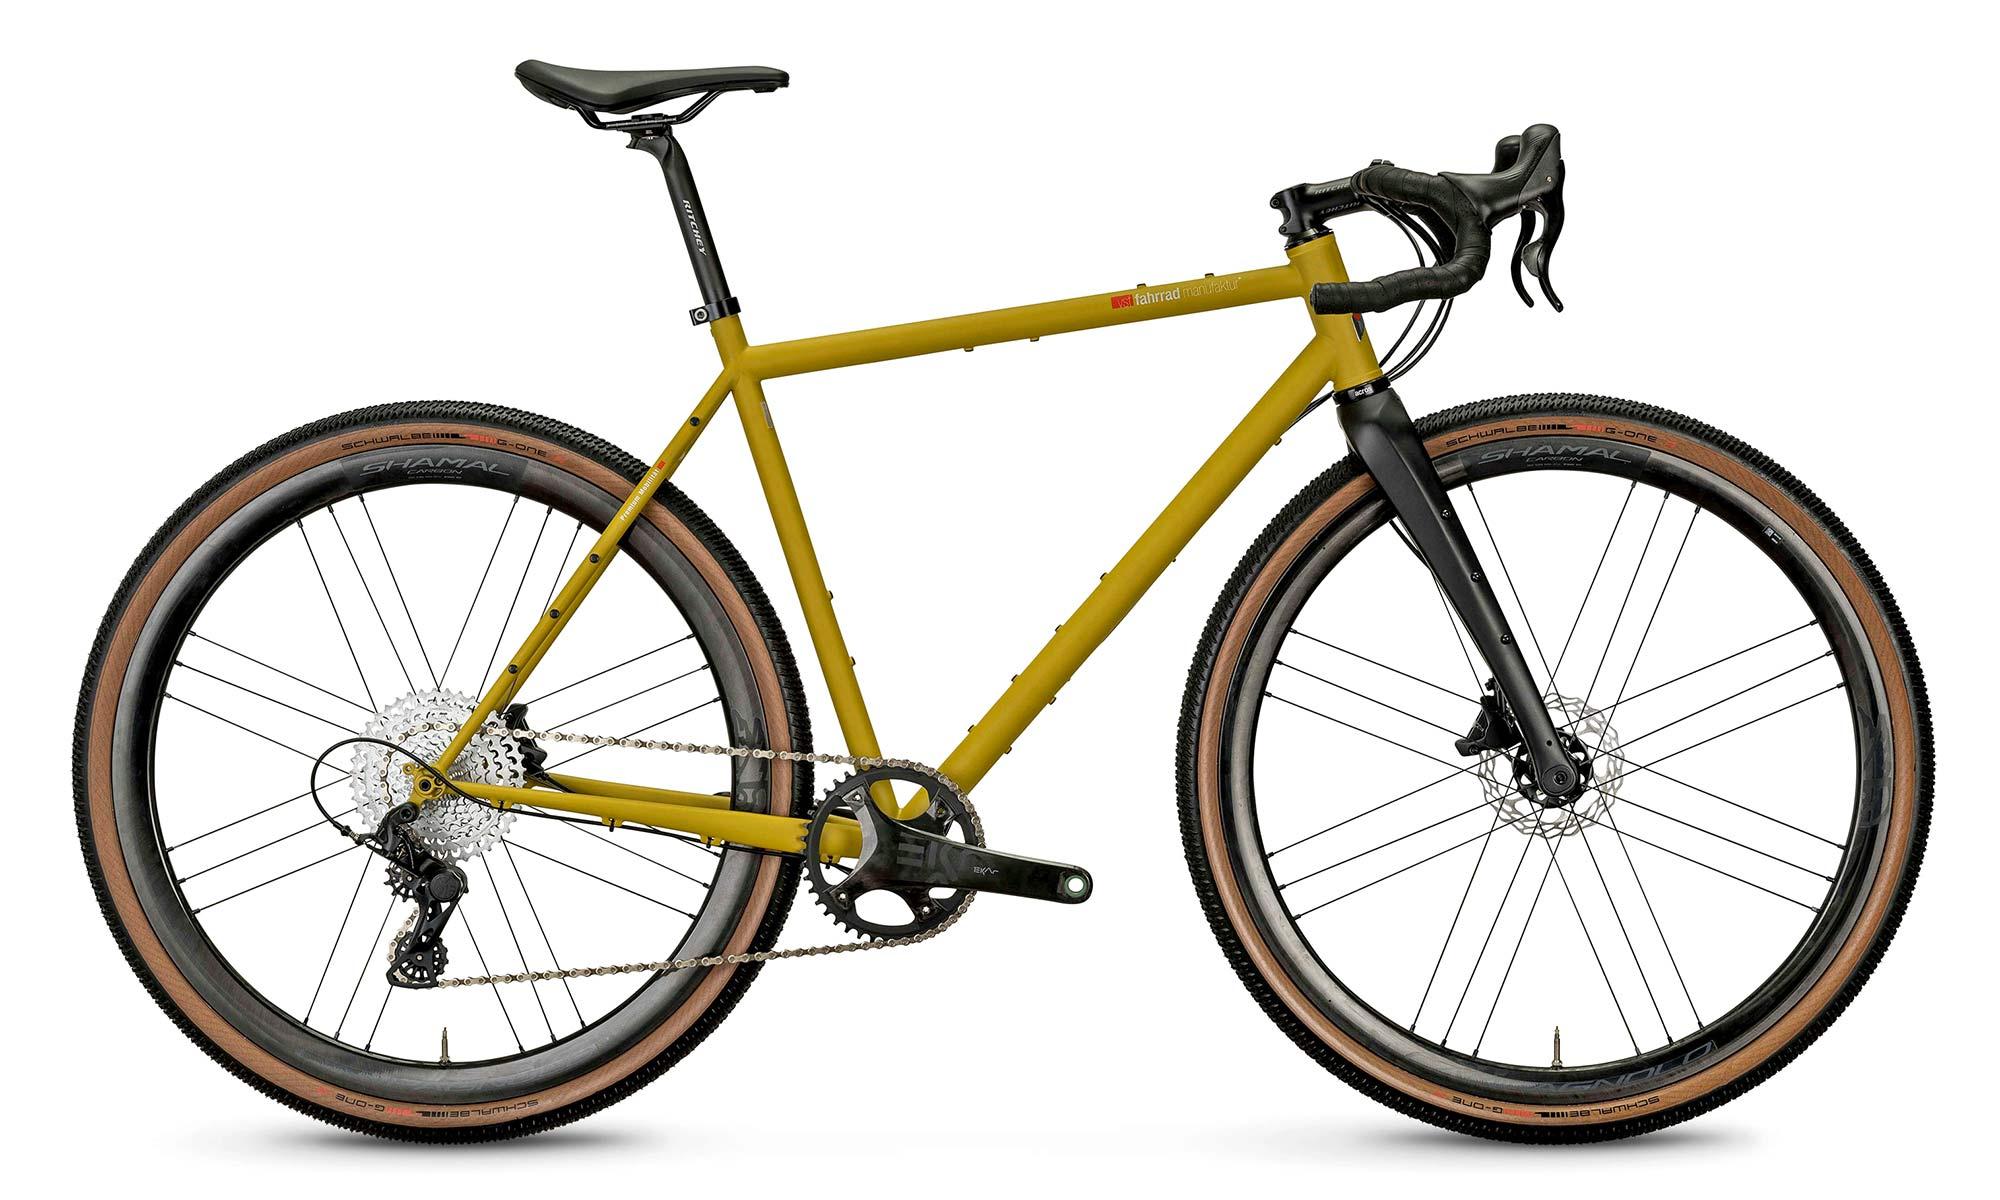 VSF Fahrradmanufaktur GX-1200 limited edition steel gravel bike, made-in-Germany, complete